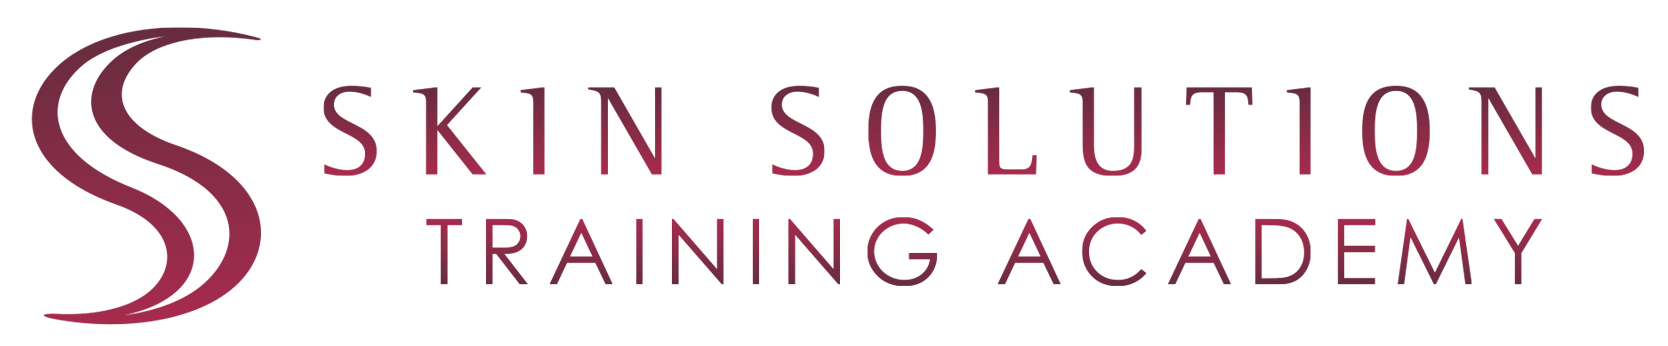 SkinSolutionsTrainingAcademyLogo-01